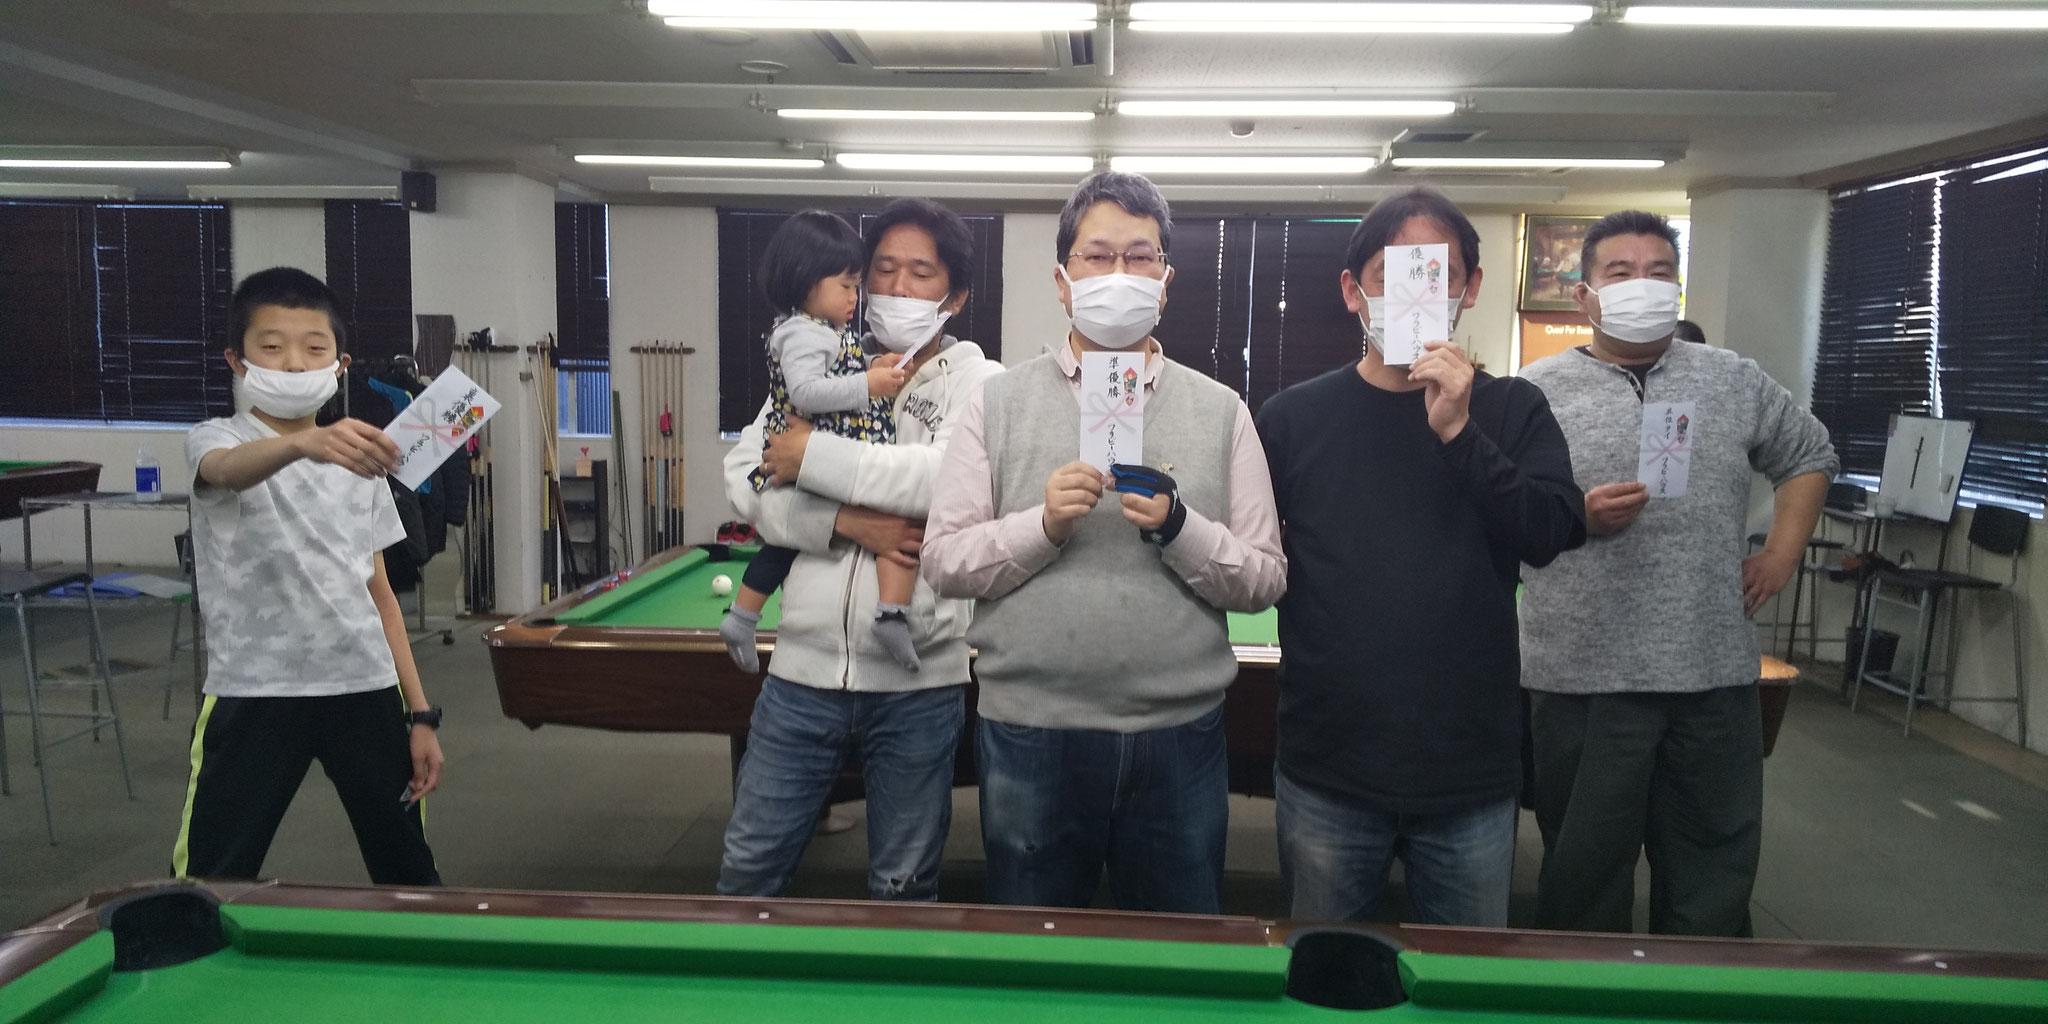 カズ(裏) 剛一朗③ 森本さん② 鈴木さん① 小山さん③